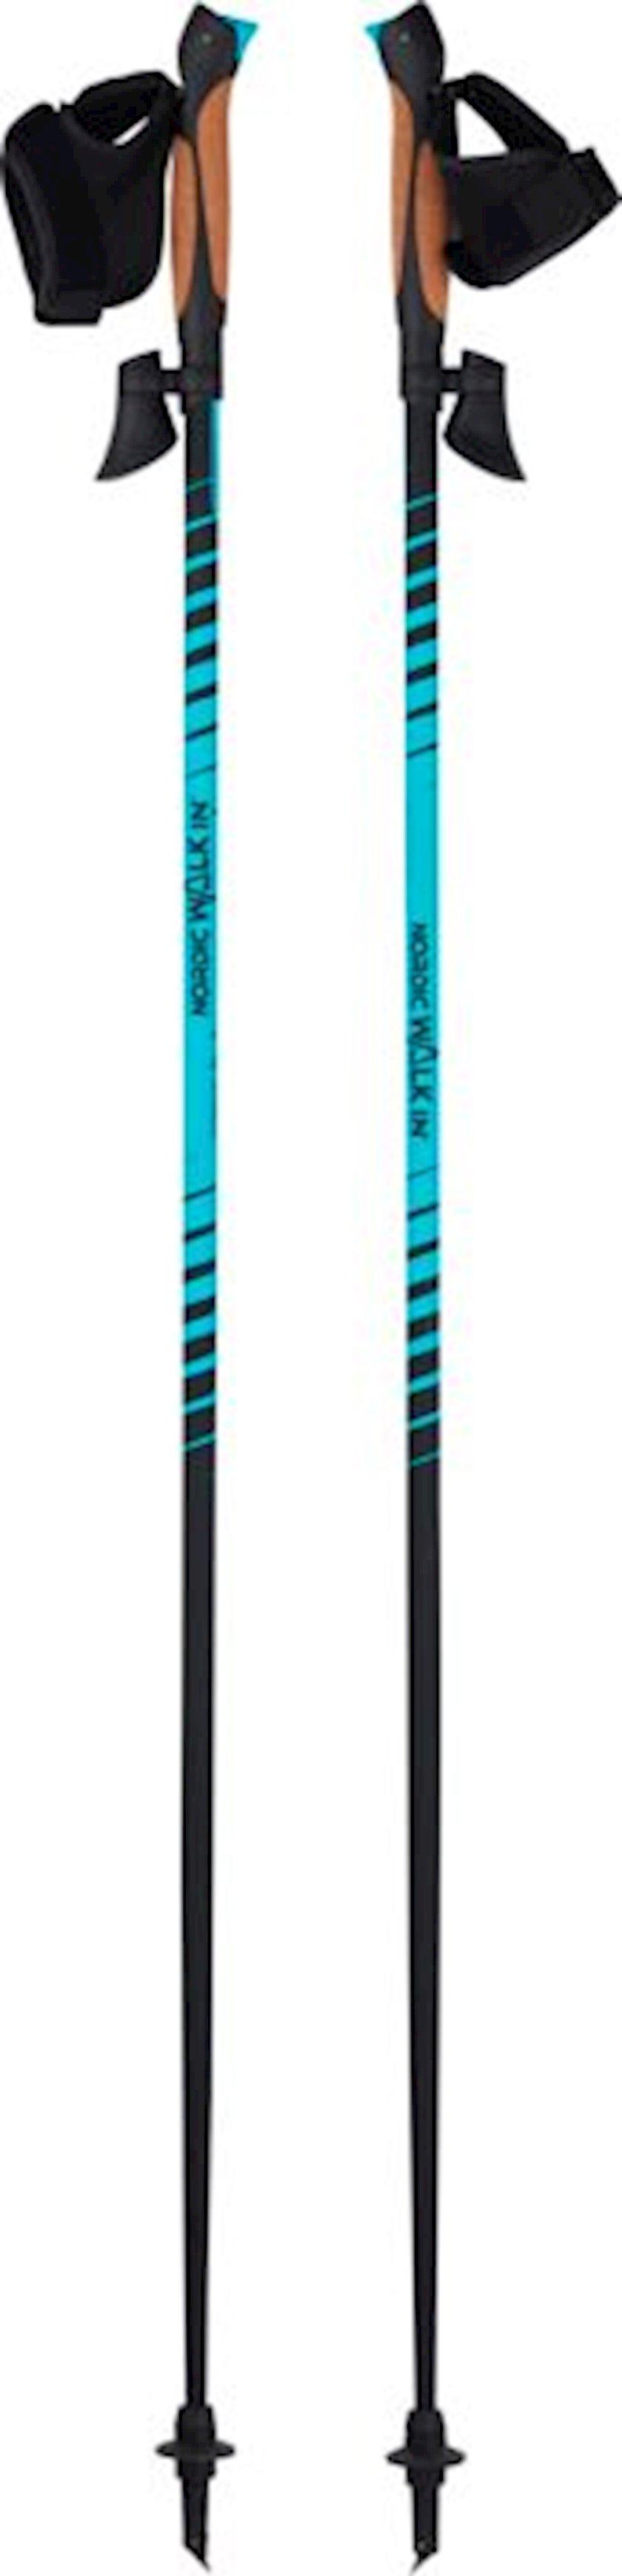 Skandinaviya yürüyüşü üçün çubuqlar Wanabee Nordic 60 X2 Hiking Poles, uniseks, 2 ədəd, qara/göy/narıncı, ölçü 125